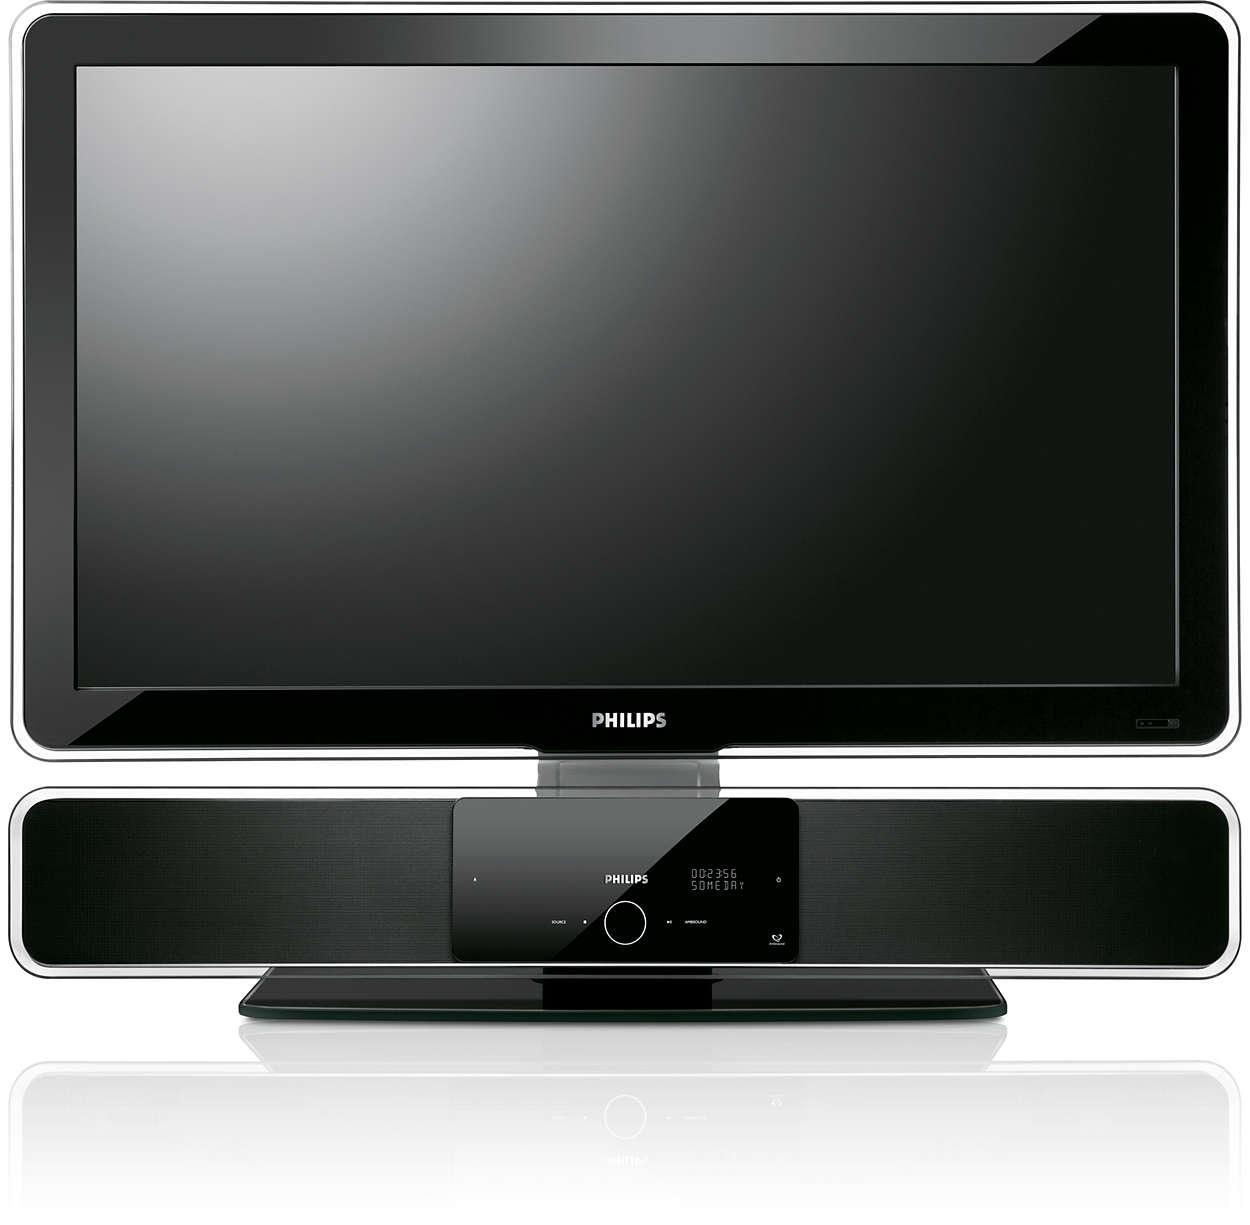 """Especialmente para o SoundBar e o televisor plano de 81cm (32"""")"""